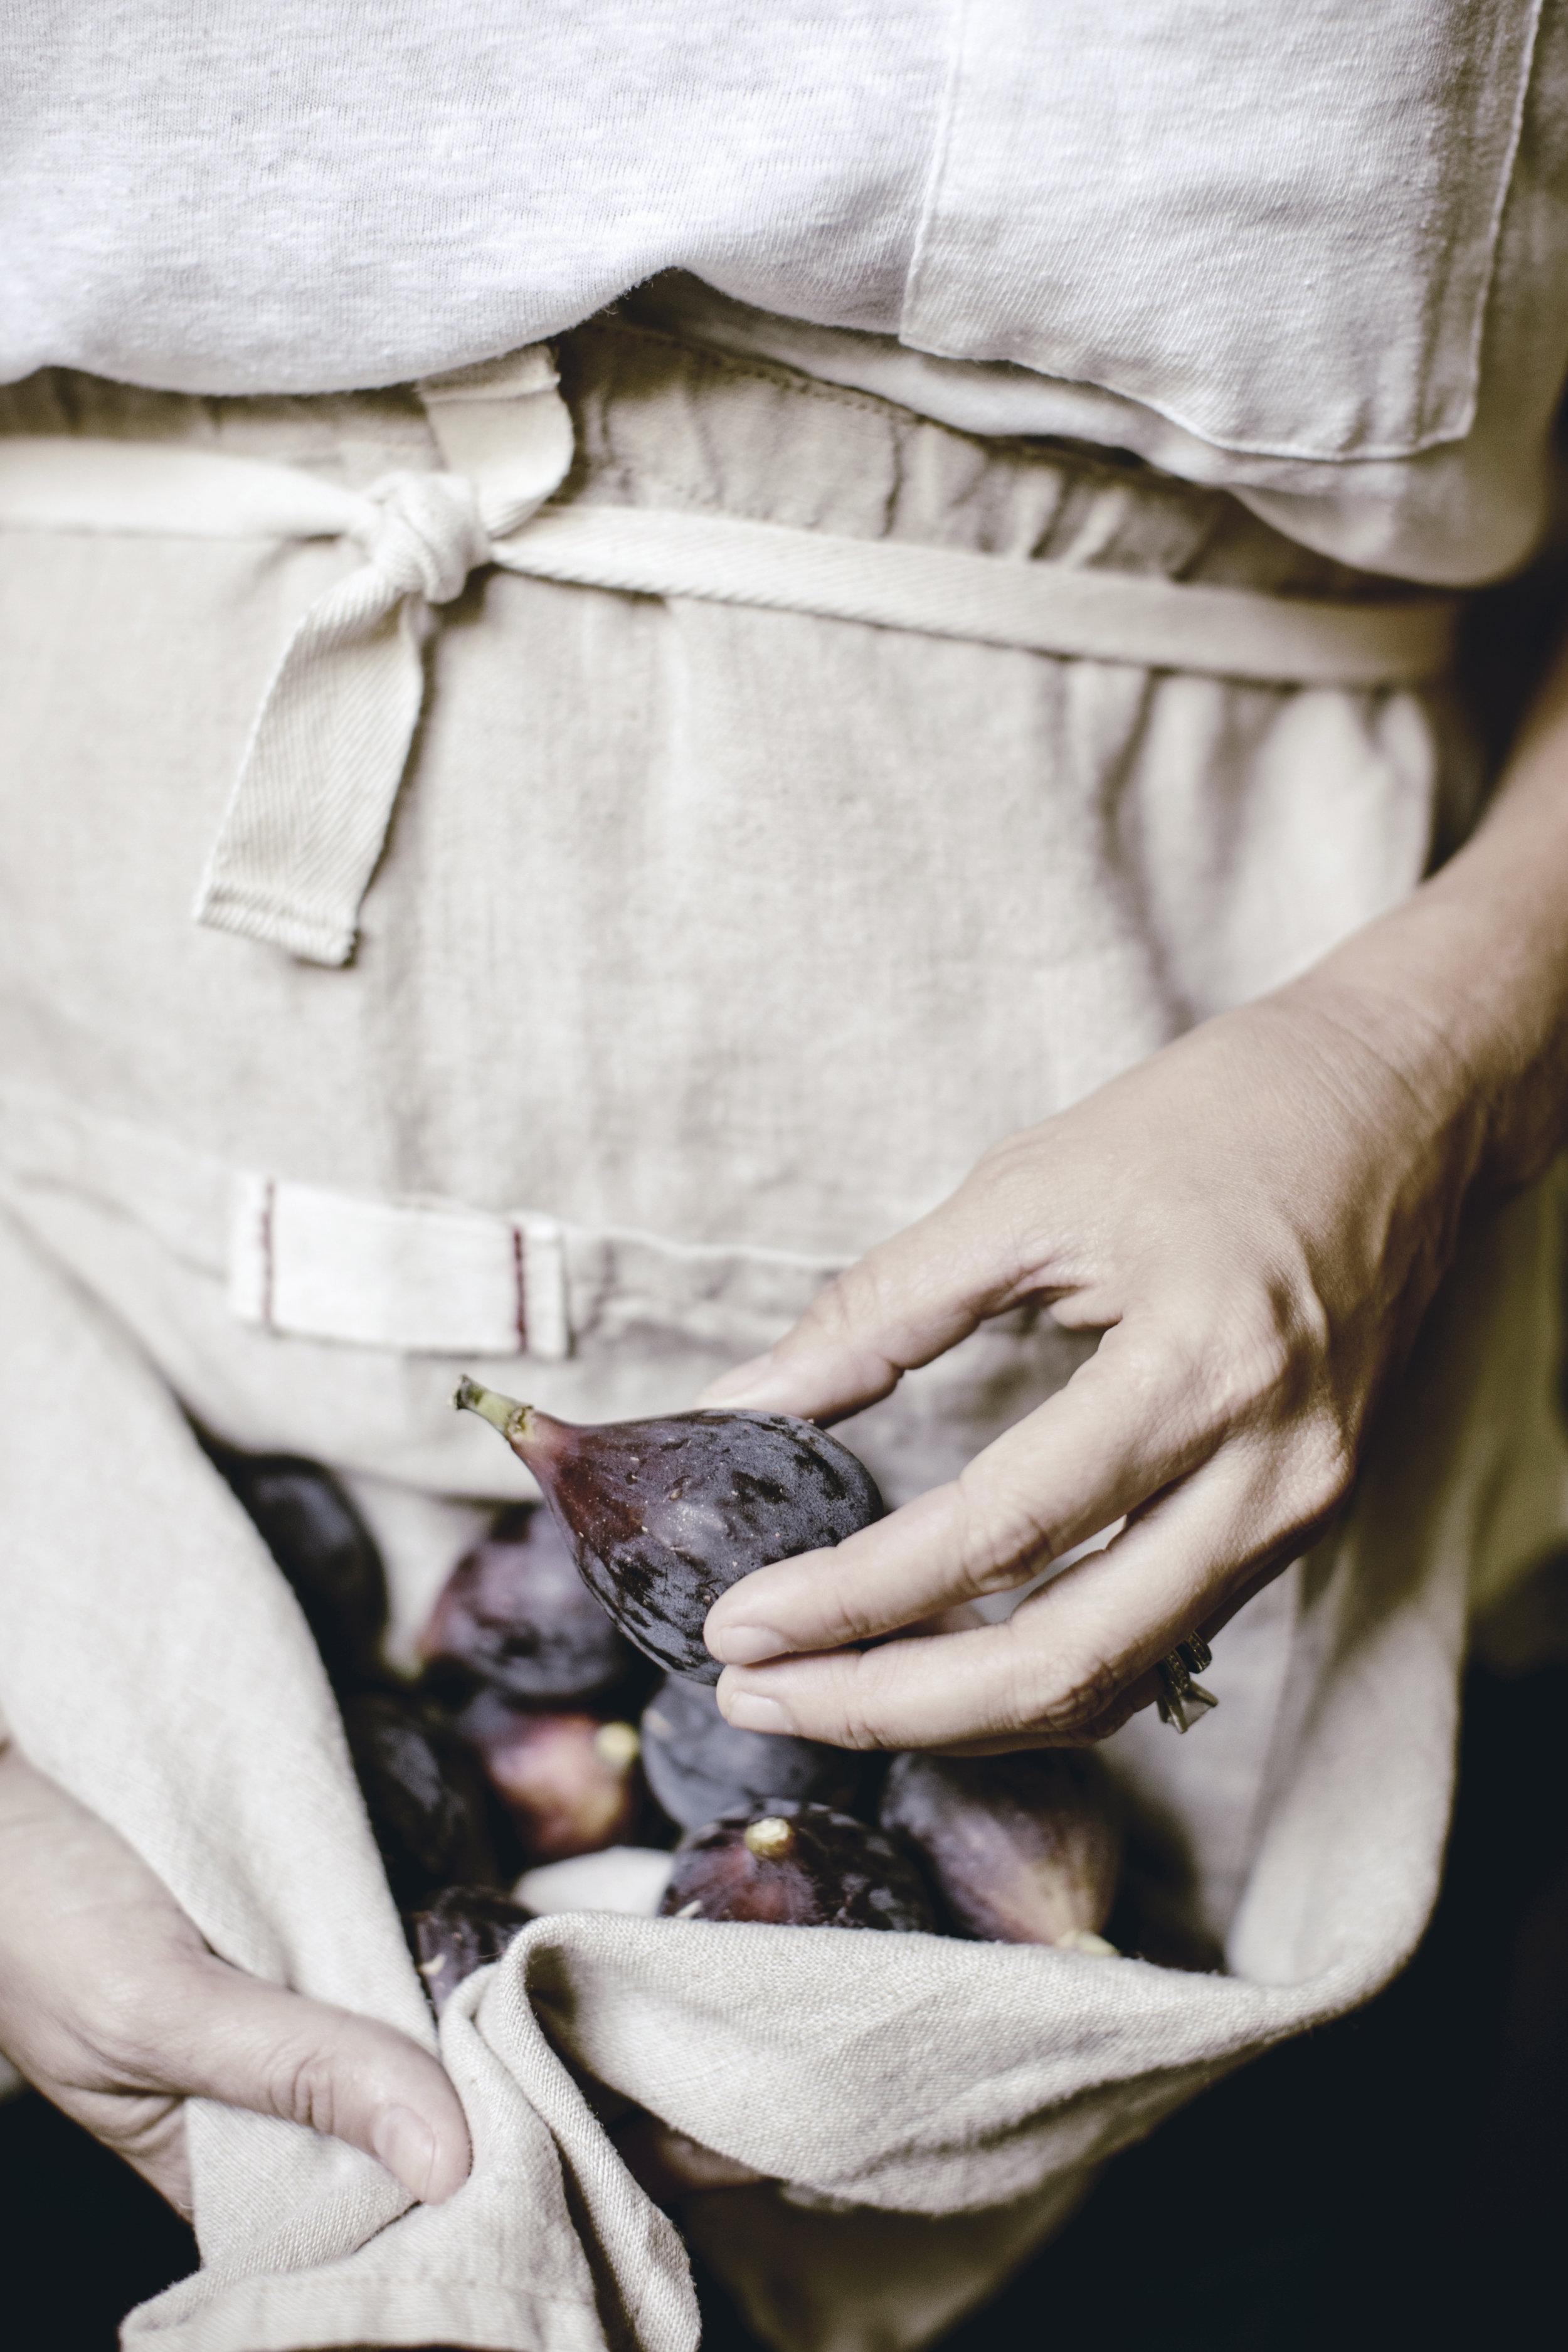 oatmeal linen apron harvesting fresh figs for jam / heirloomed